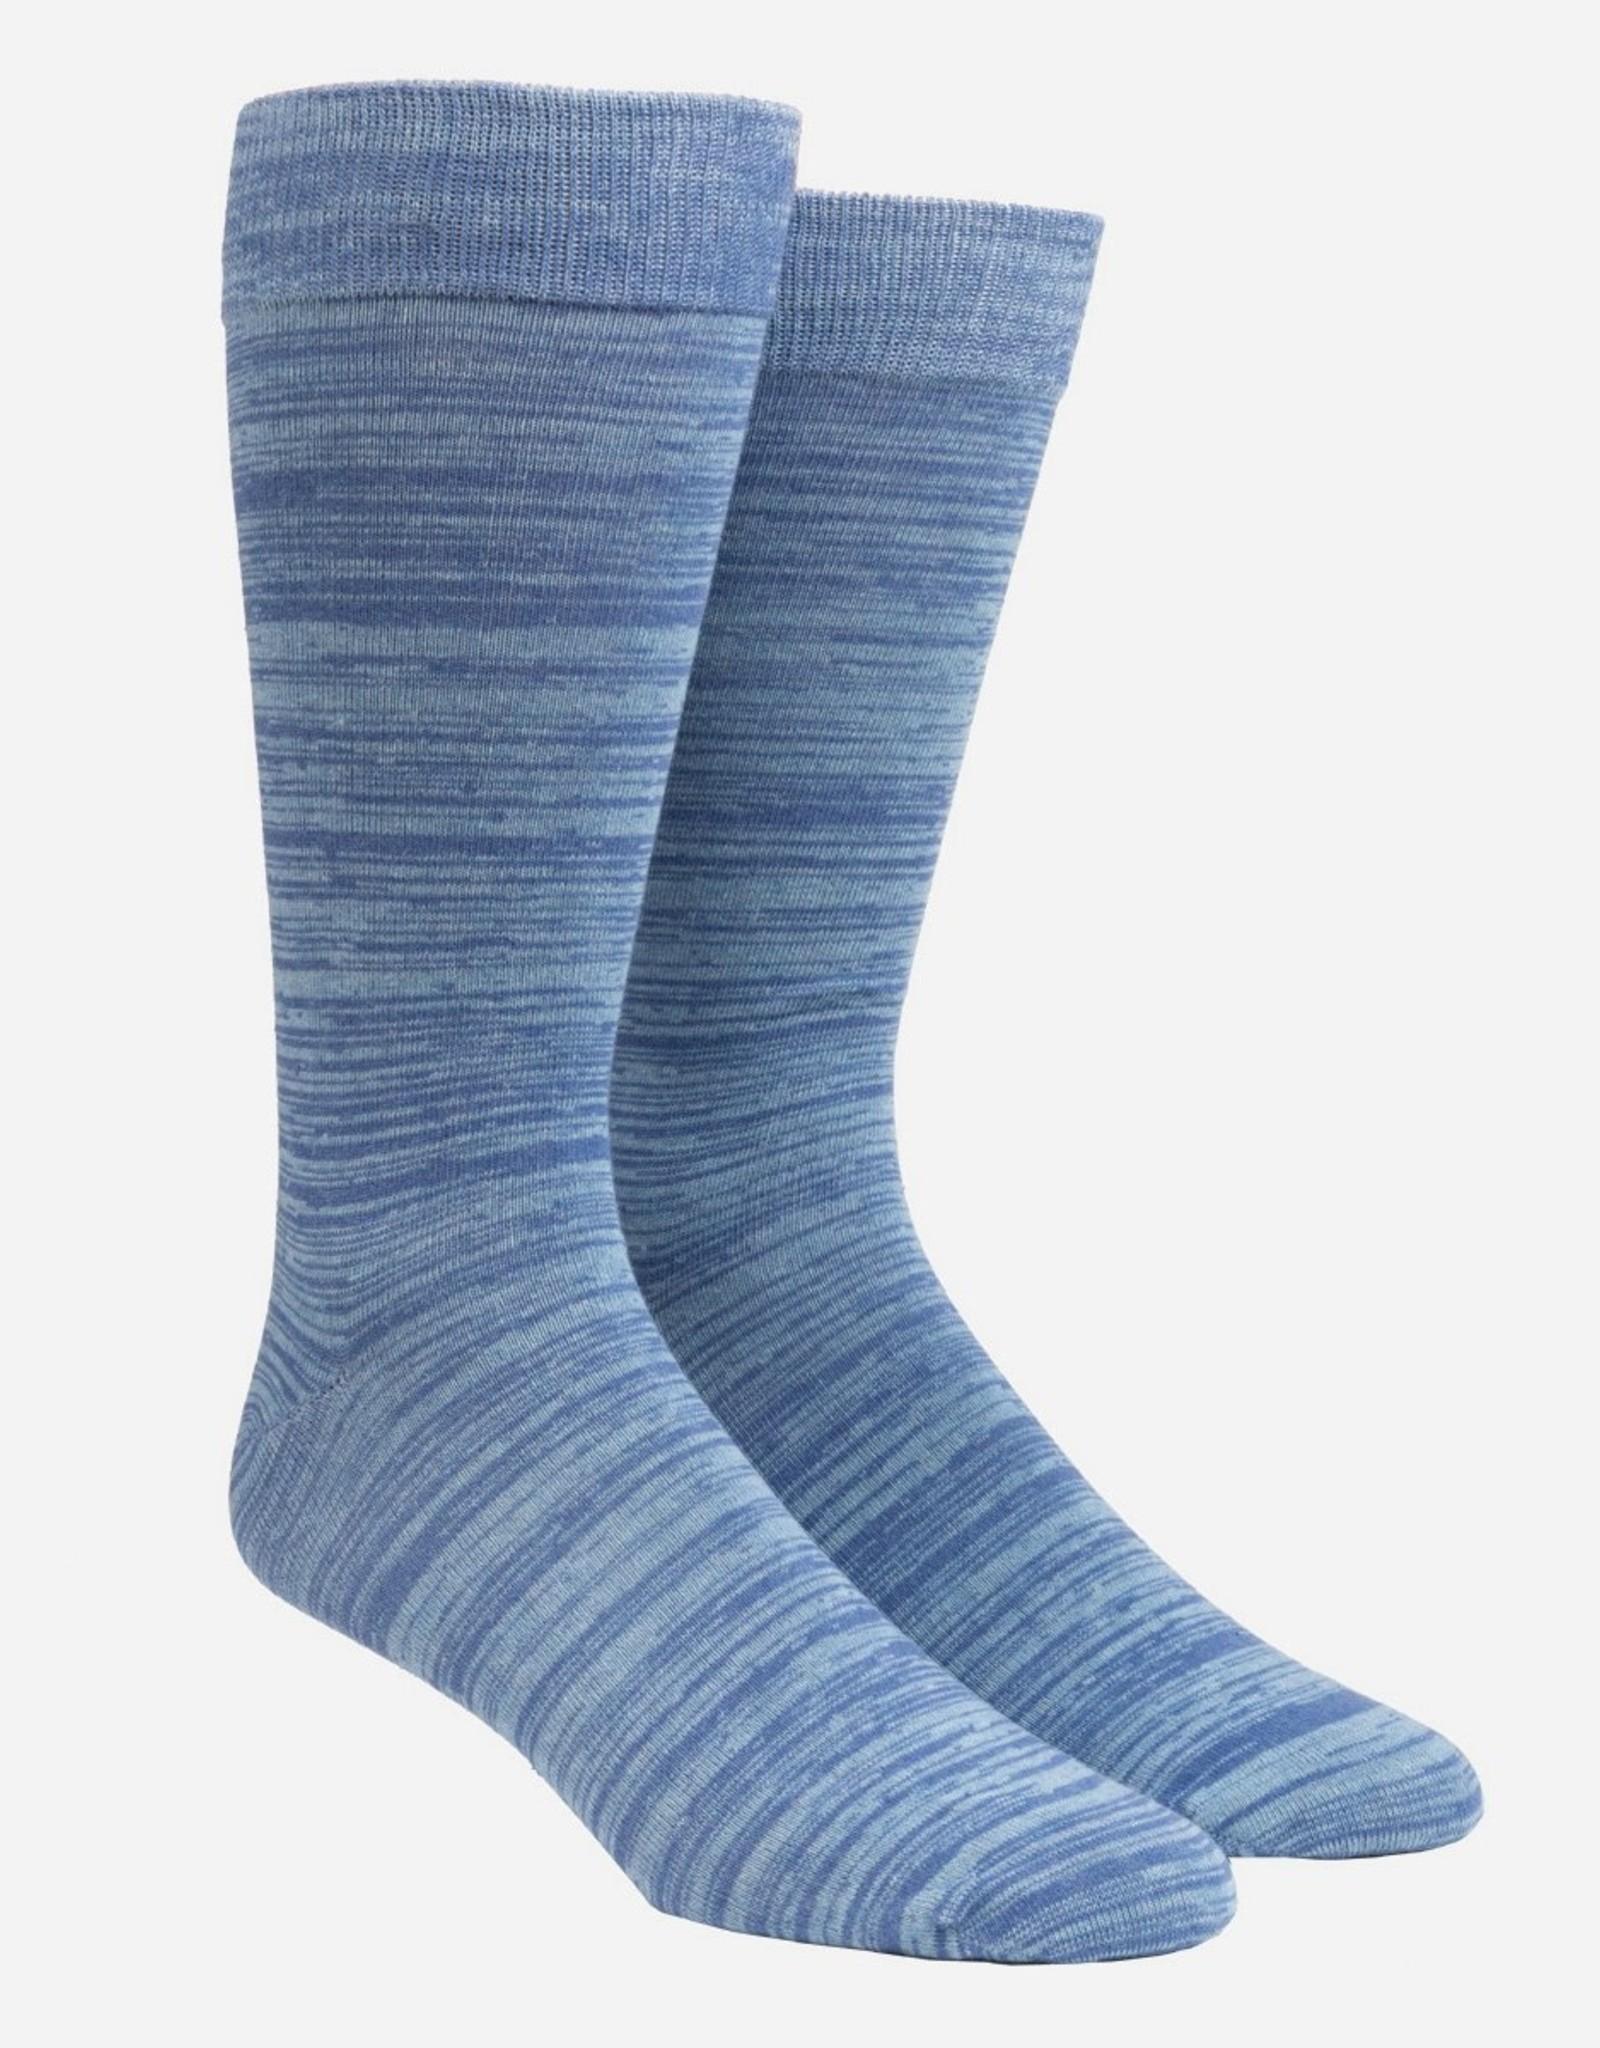 Marled Dress Socks